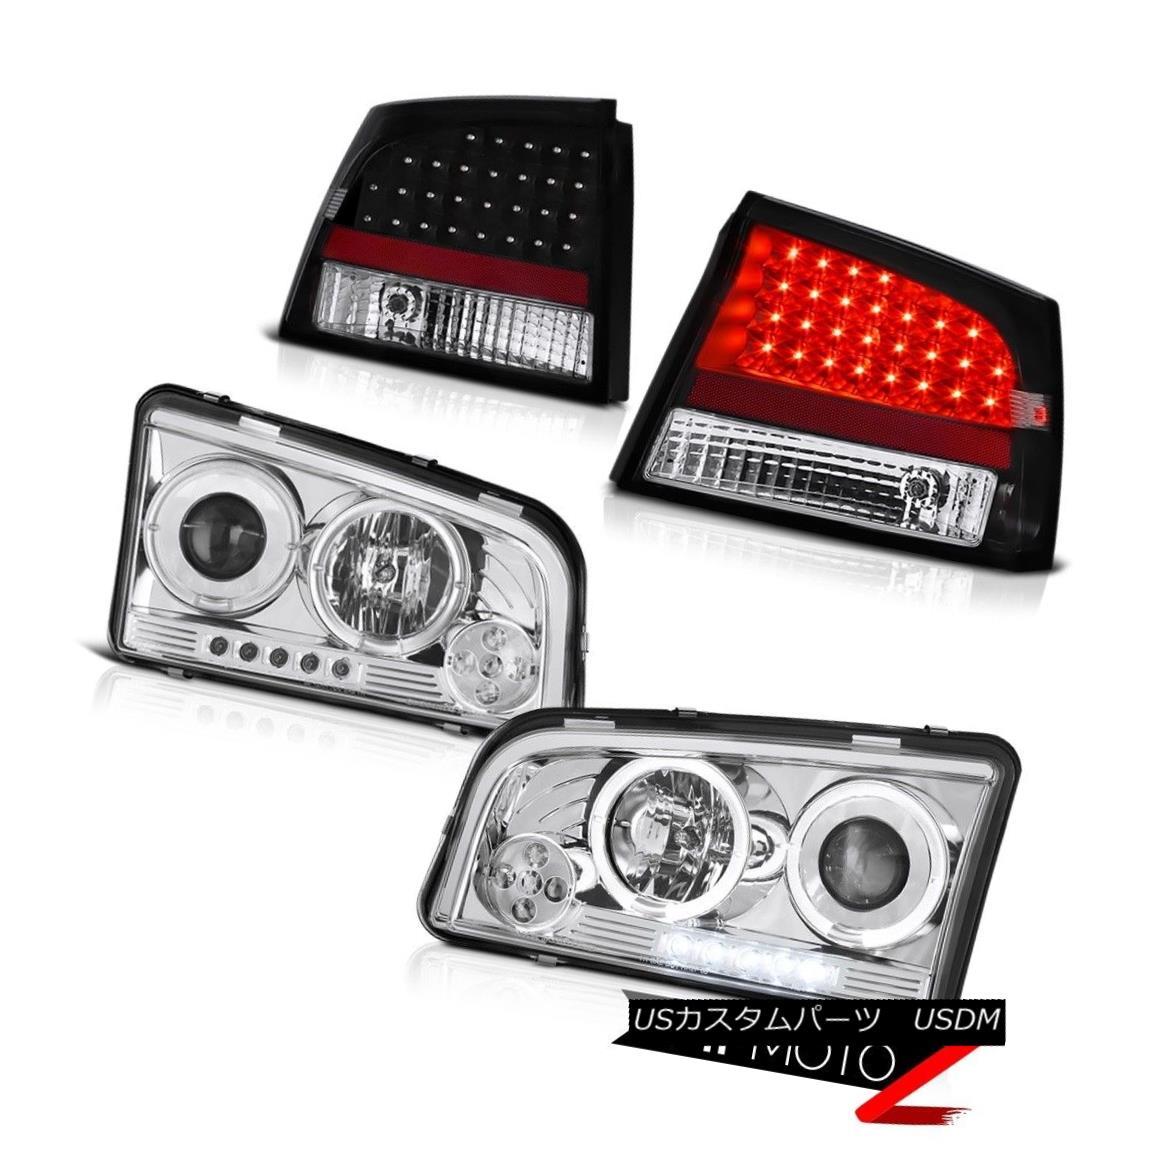 テールライト 06 07 08 Charger SRT8 SE Angel Eye DRL Halo Headlights SMD Brake LED Tail Lights 06 07 08充電器SRT8 SEエンジェルアイDRLハローヘッドライトSMDブレーキLEDテールライト